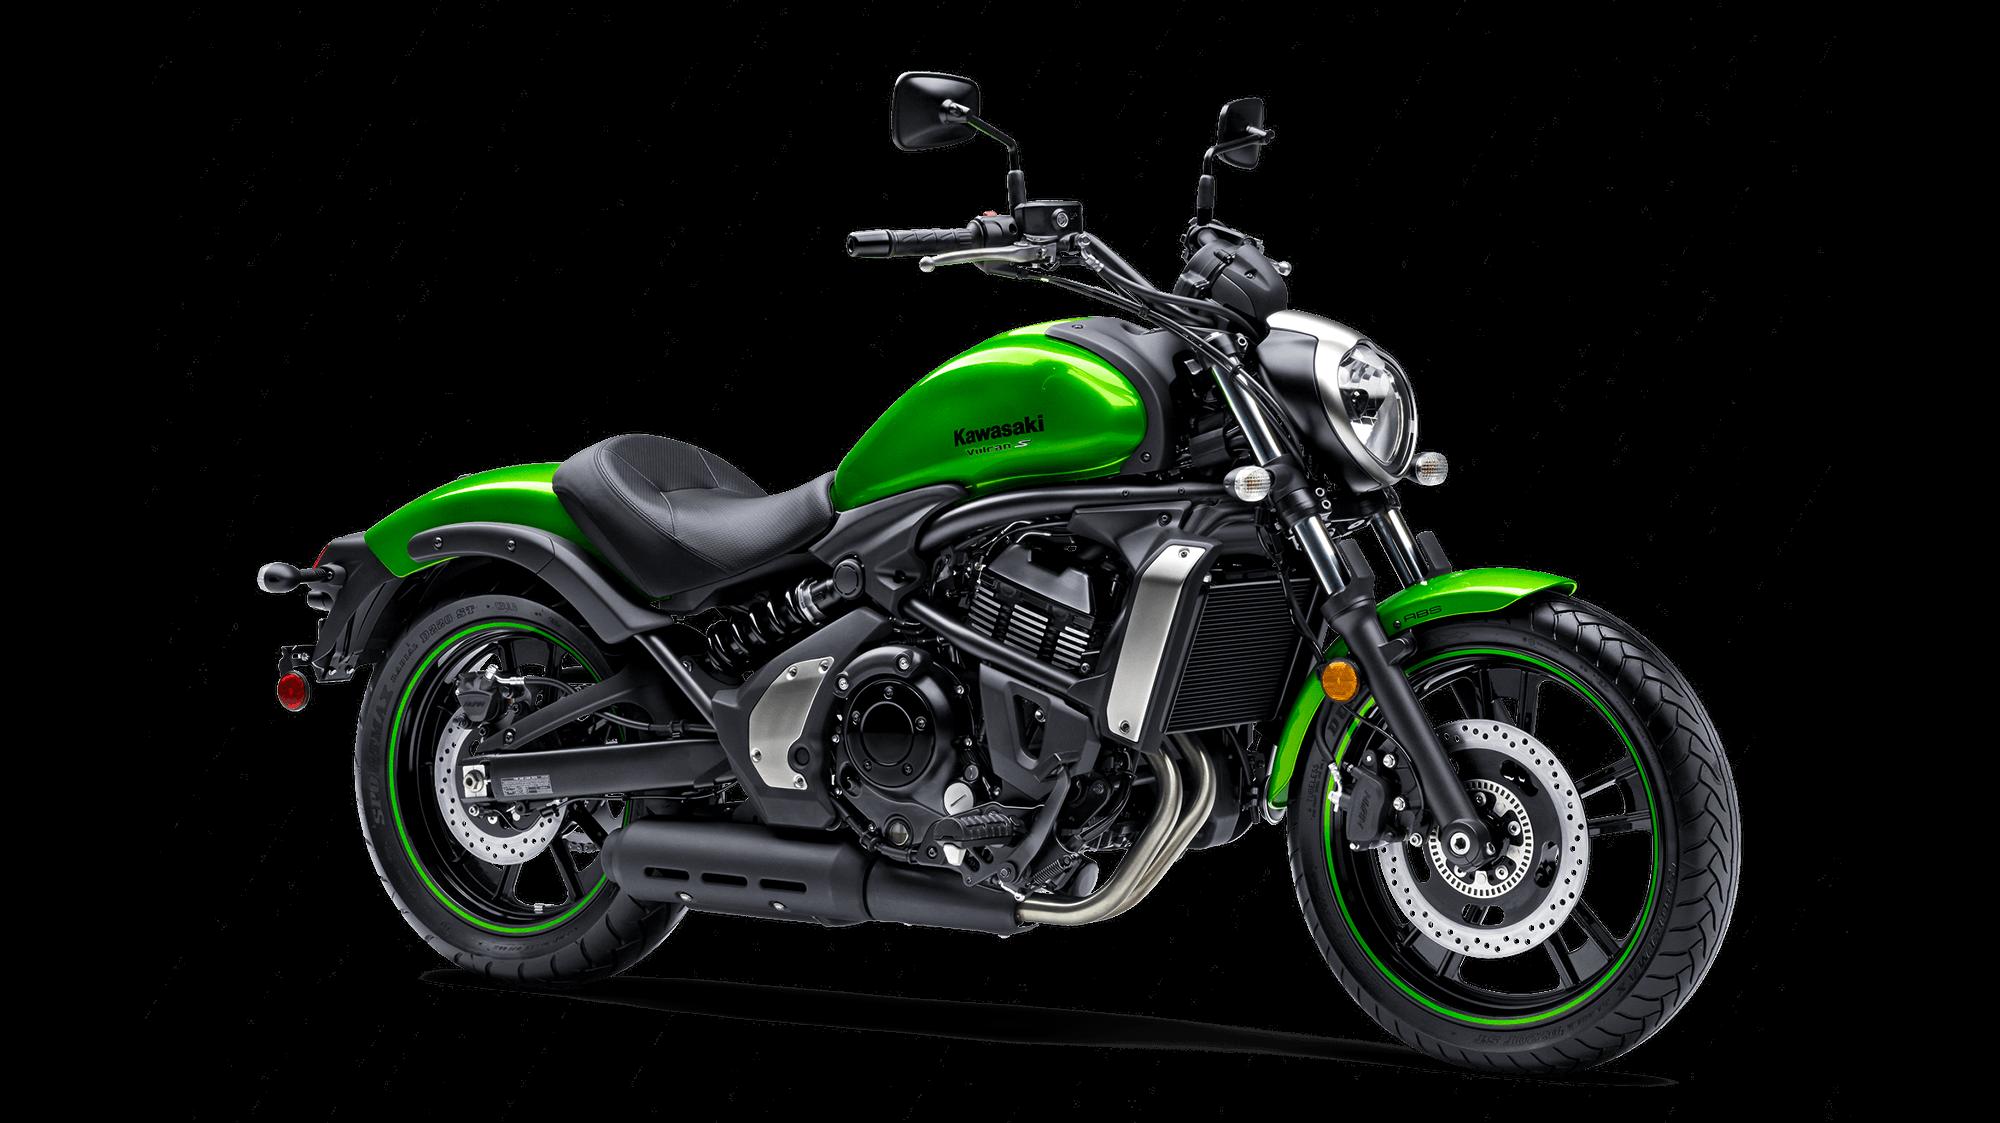 2015 vulcan s abs cruisers motorcycle by kawasaki i love this bike 2015 vulcan s abs cruisers motorcycle by kawasaki i love this bike fandeluxe Choice Image